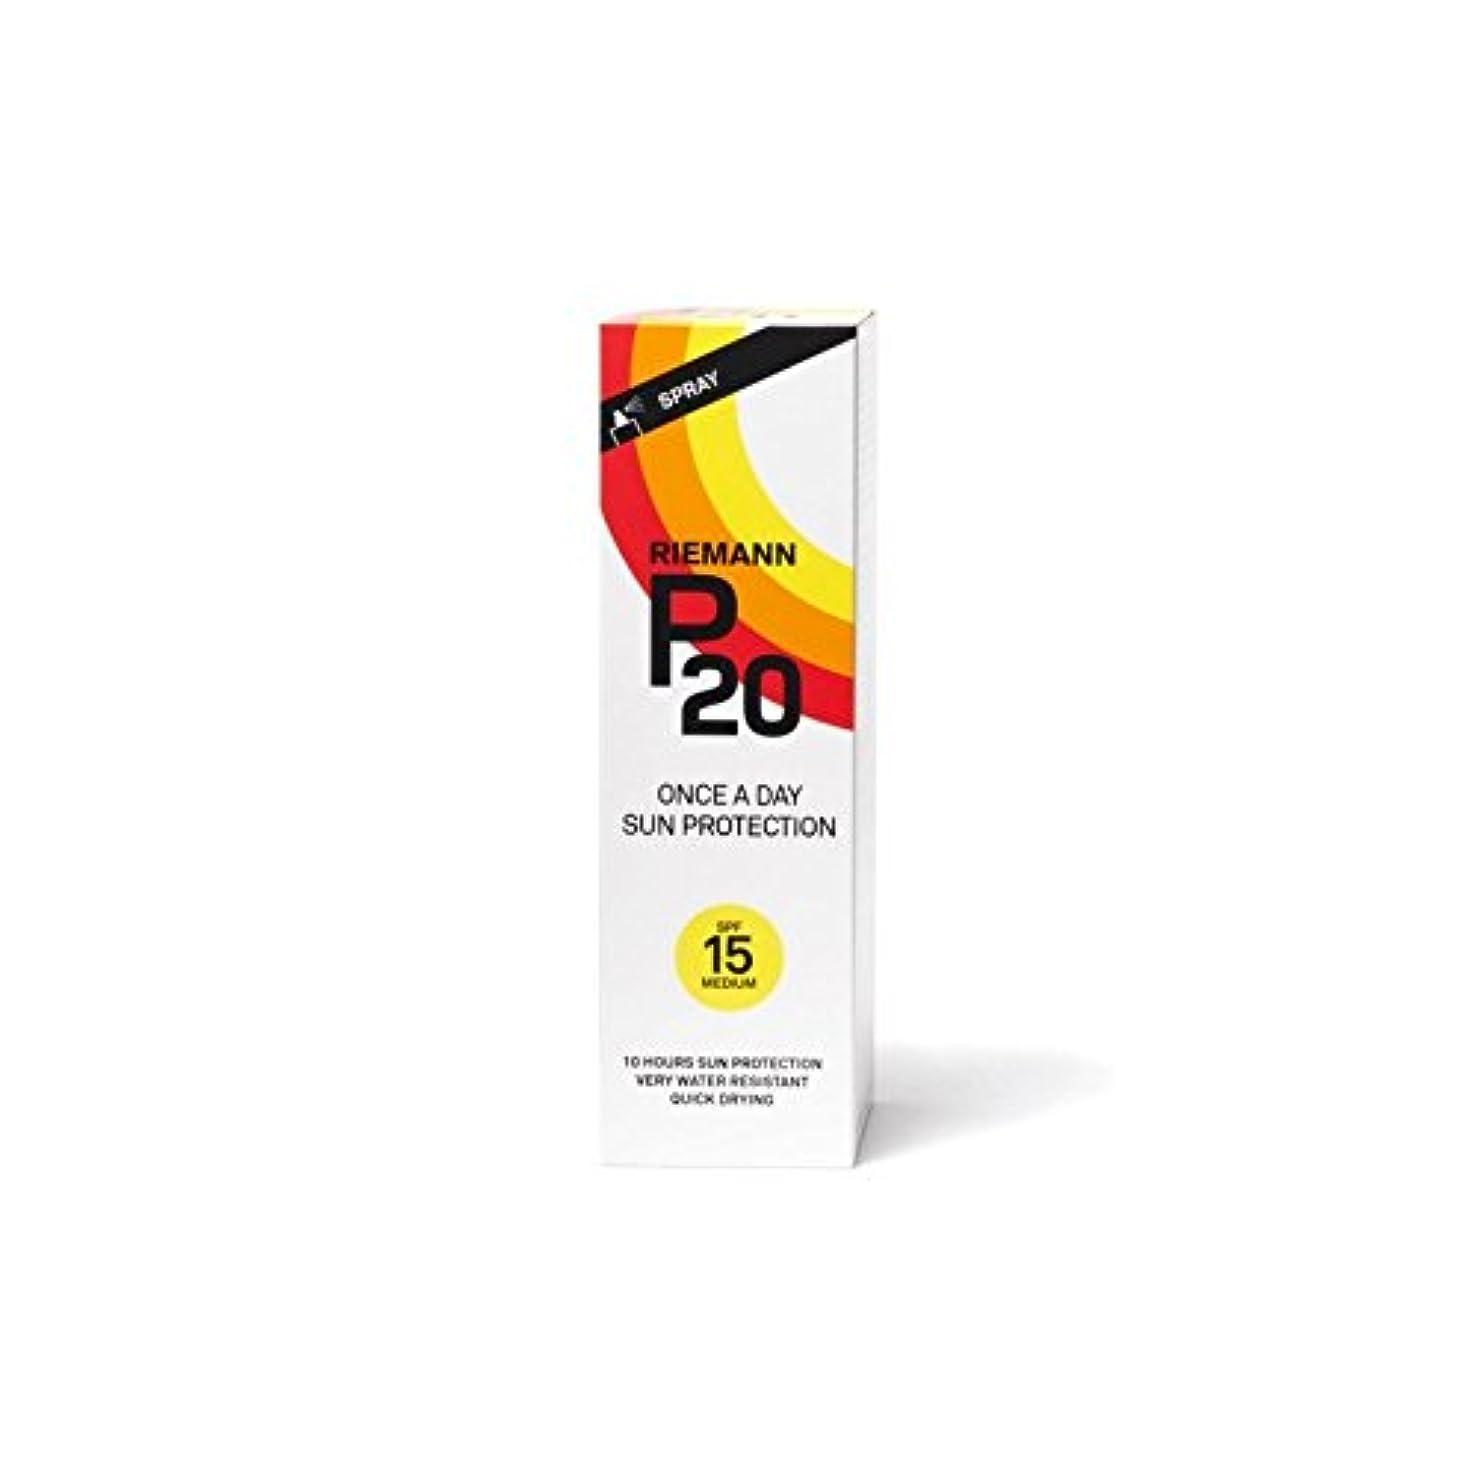 ほのめかす所持誘惑Riemann P20 Sun Filter 100ml SPF15 - リーマン20のサンフィルター100ミリリットル15 [並行輸入品]